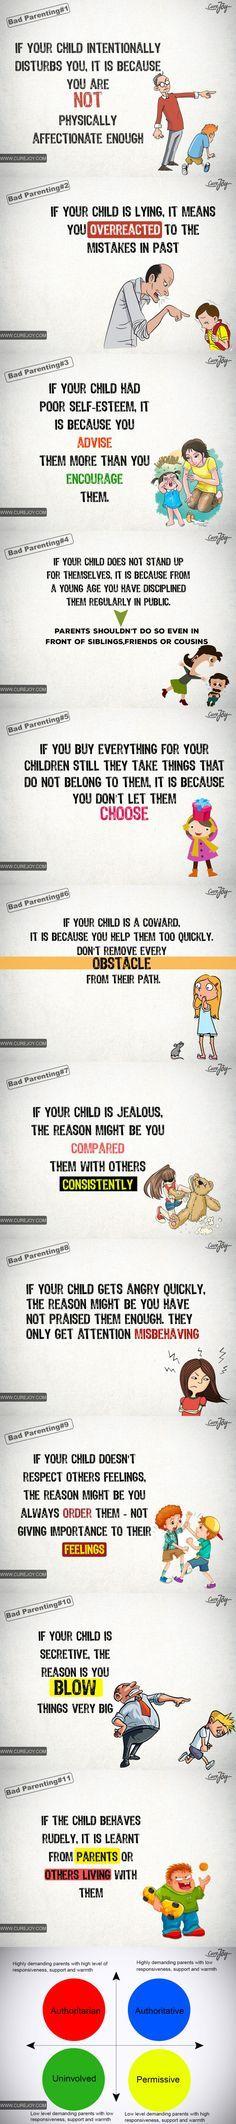 Gut zu wissen, warum Kinder sind wie sie sind.